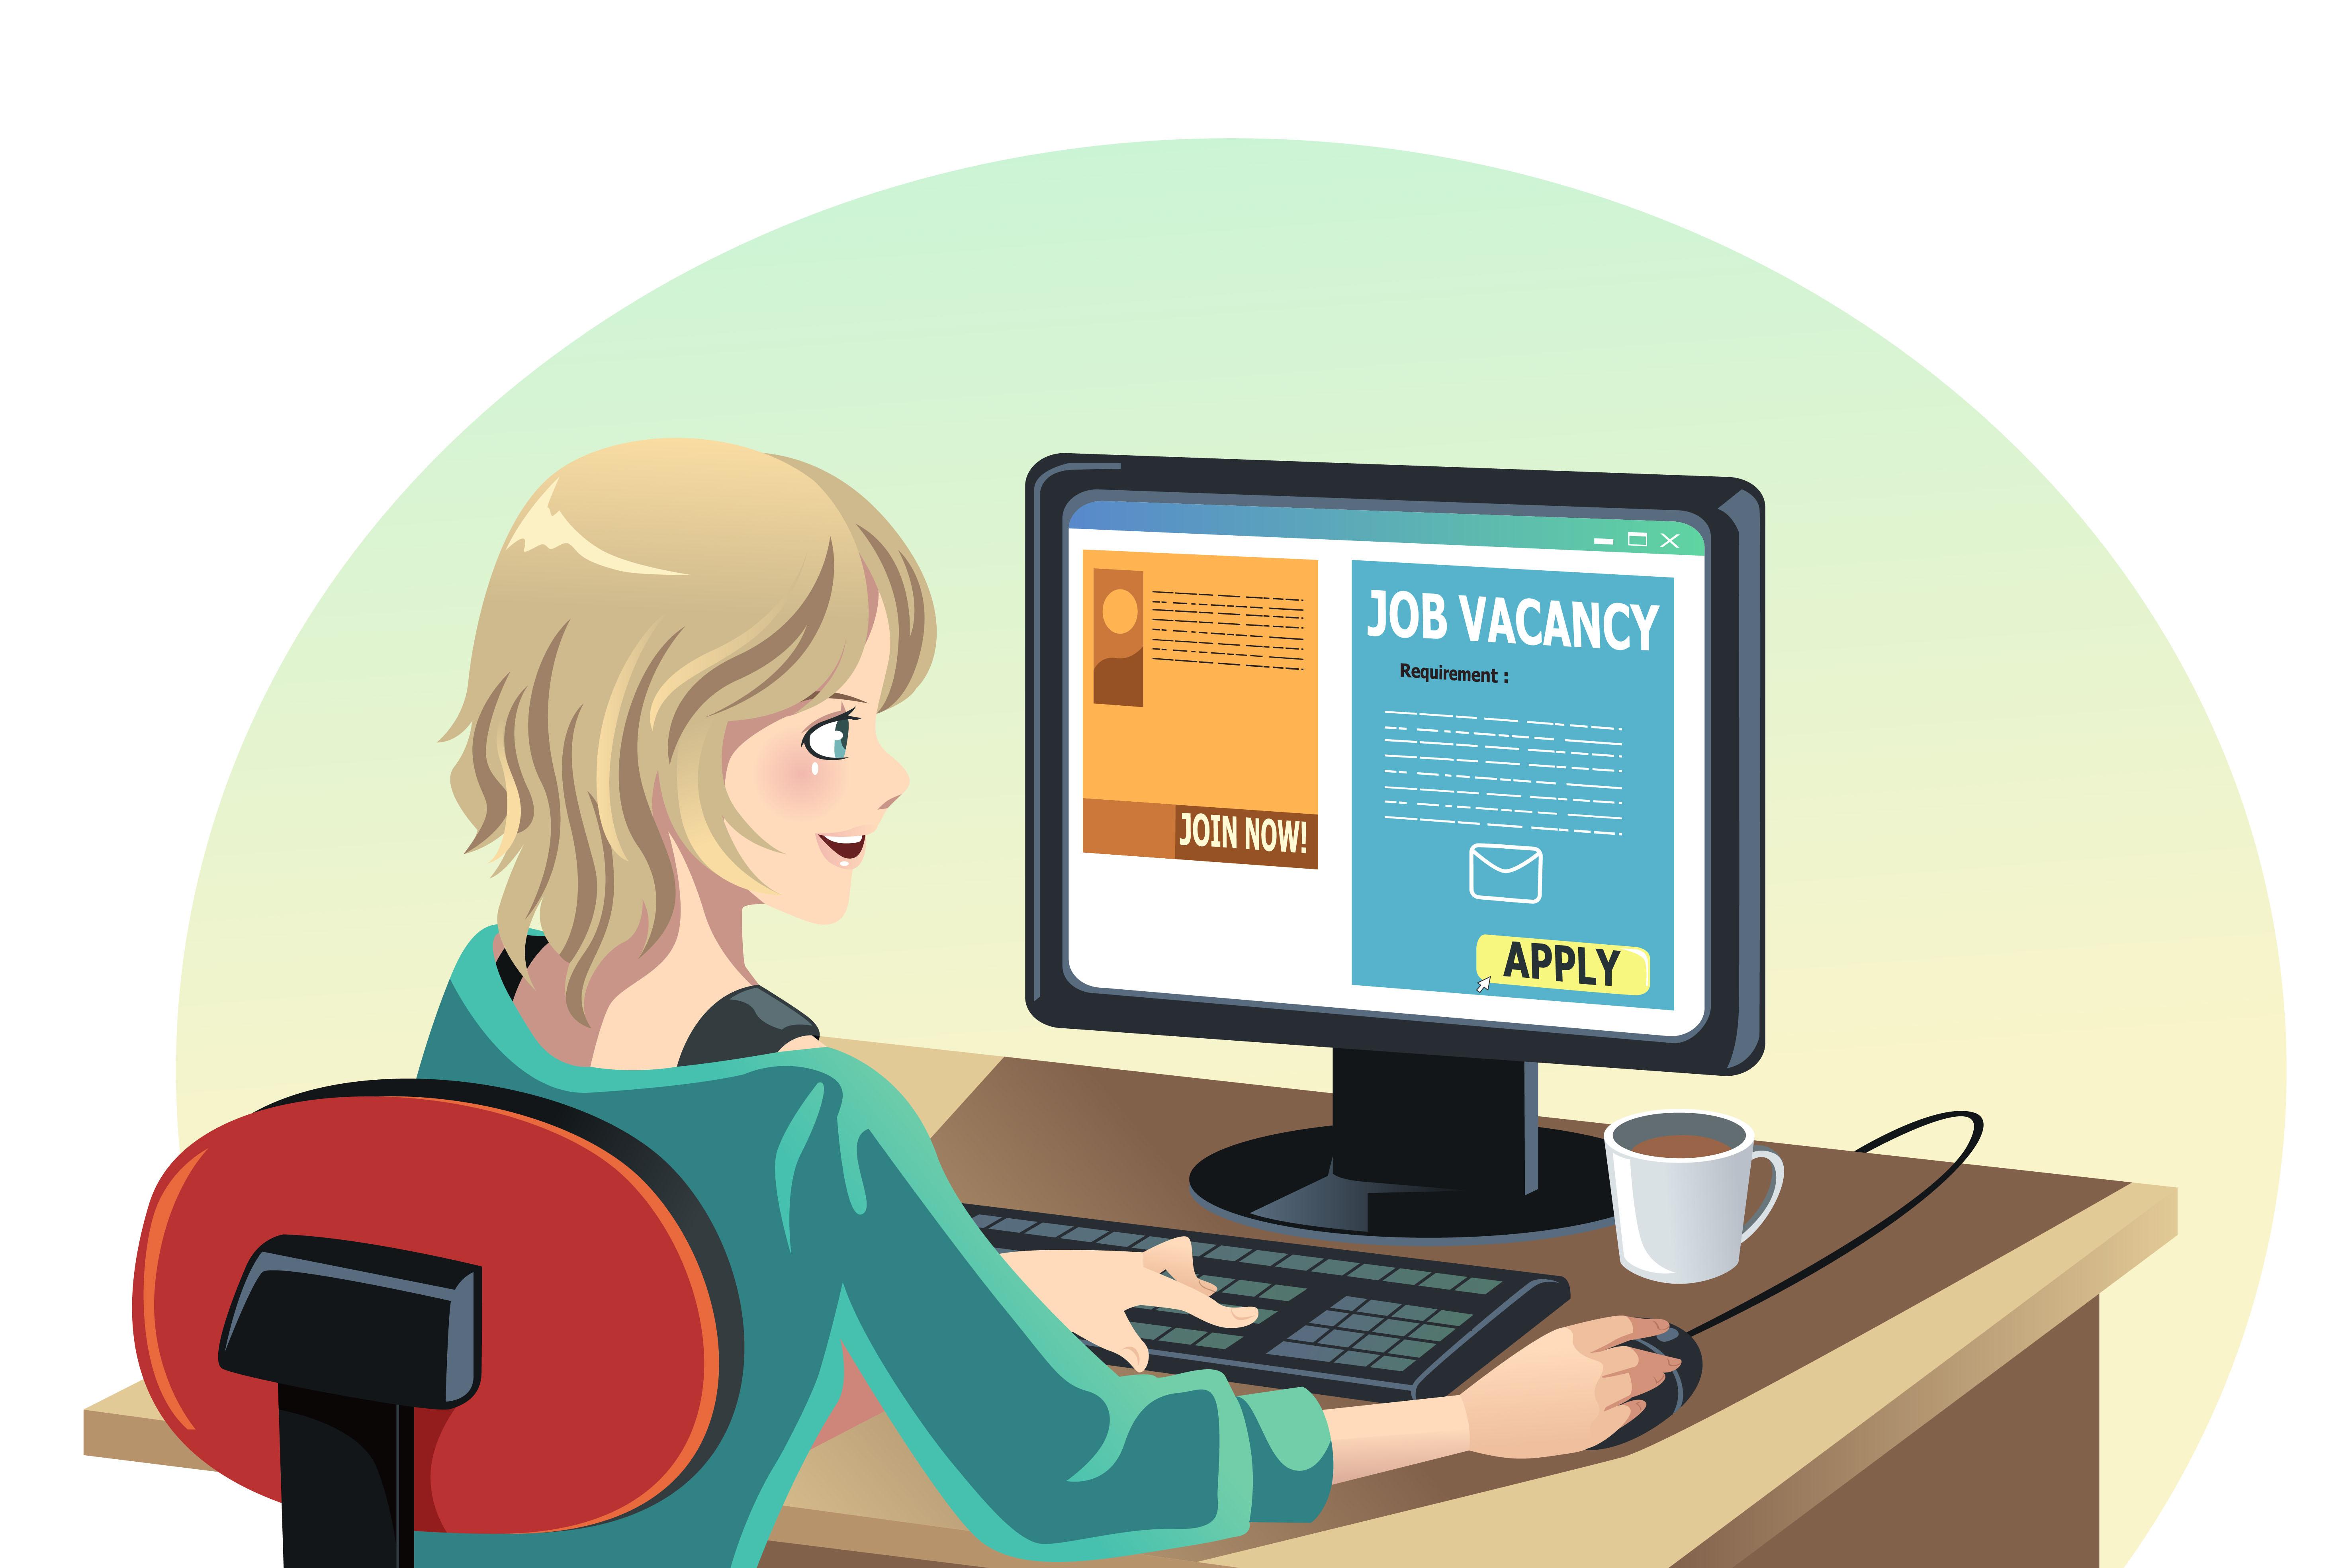 Comment choisir un bon nom de marque, d'entreprise ou de site internet ? 62